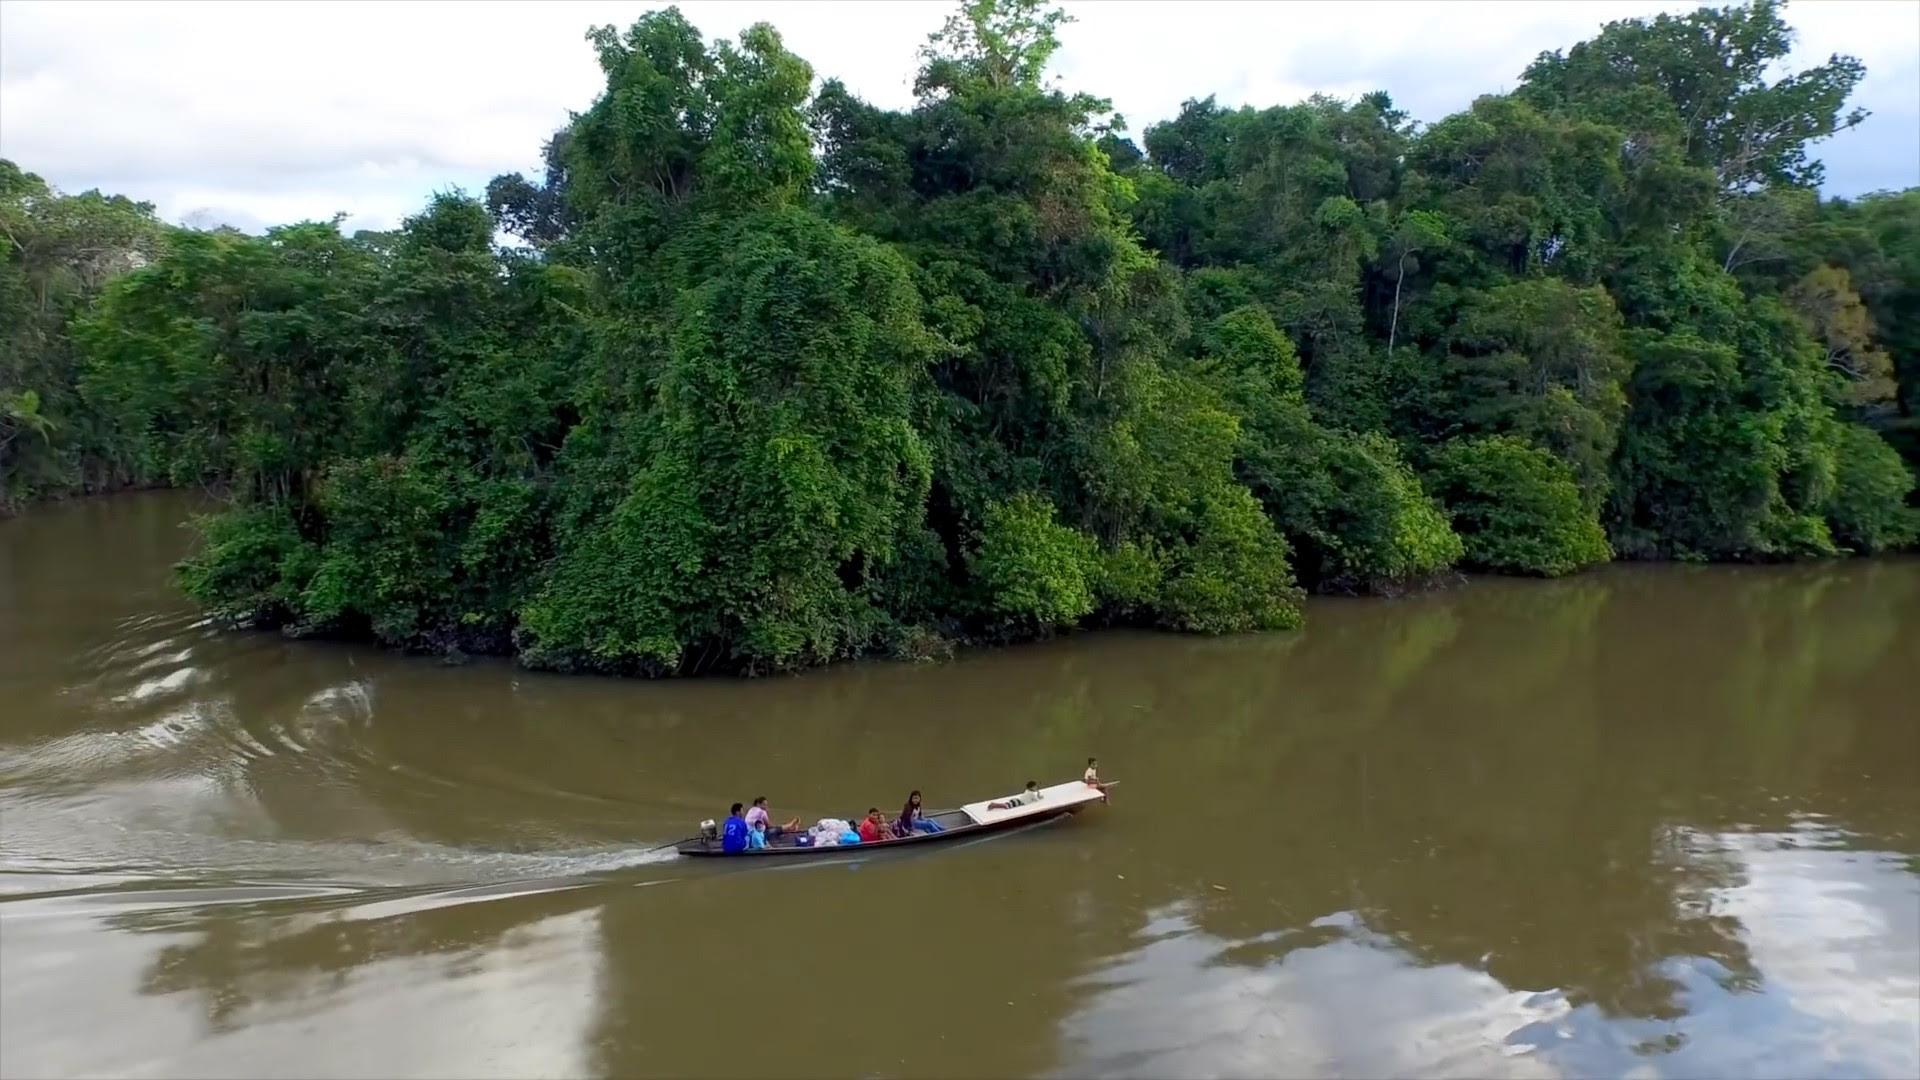 AIDESEPse pronunciósobre el proyecto Hidrovía Amazónica y le dijoNO al dragado de los ríos